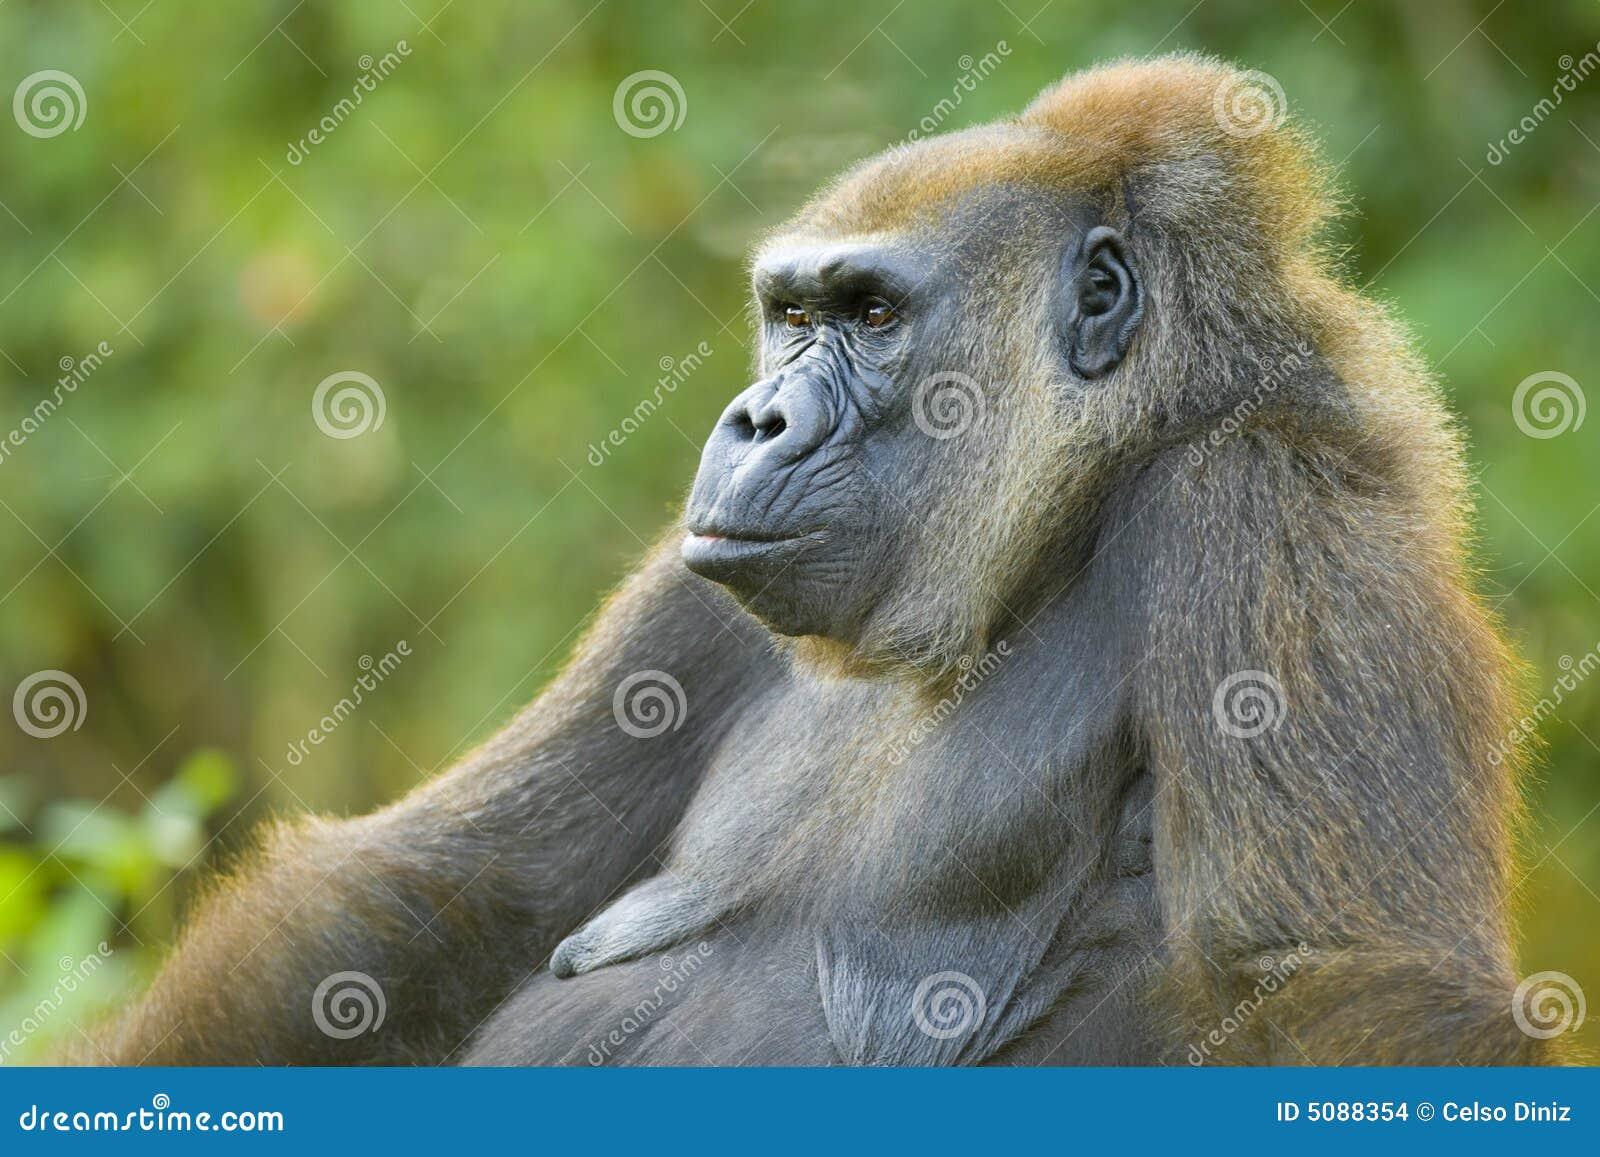 Gorila viejo foto de archivo. Imagen de gorila, animal - 5088354